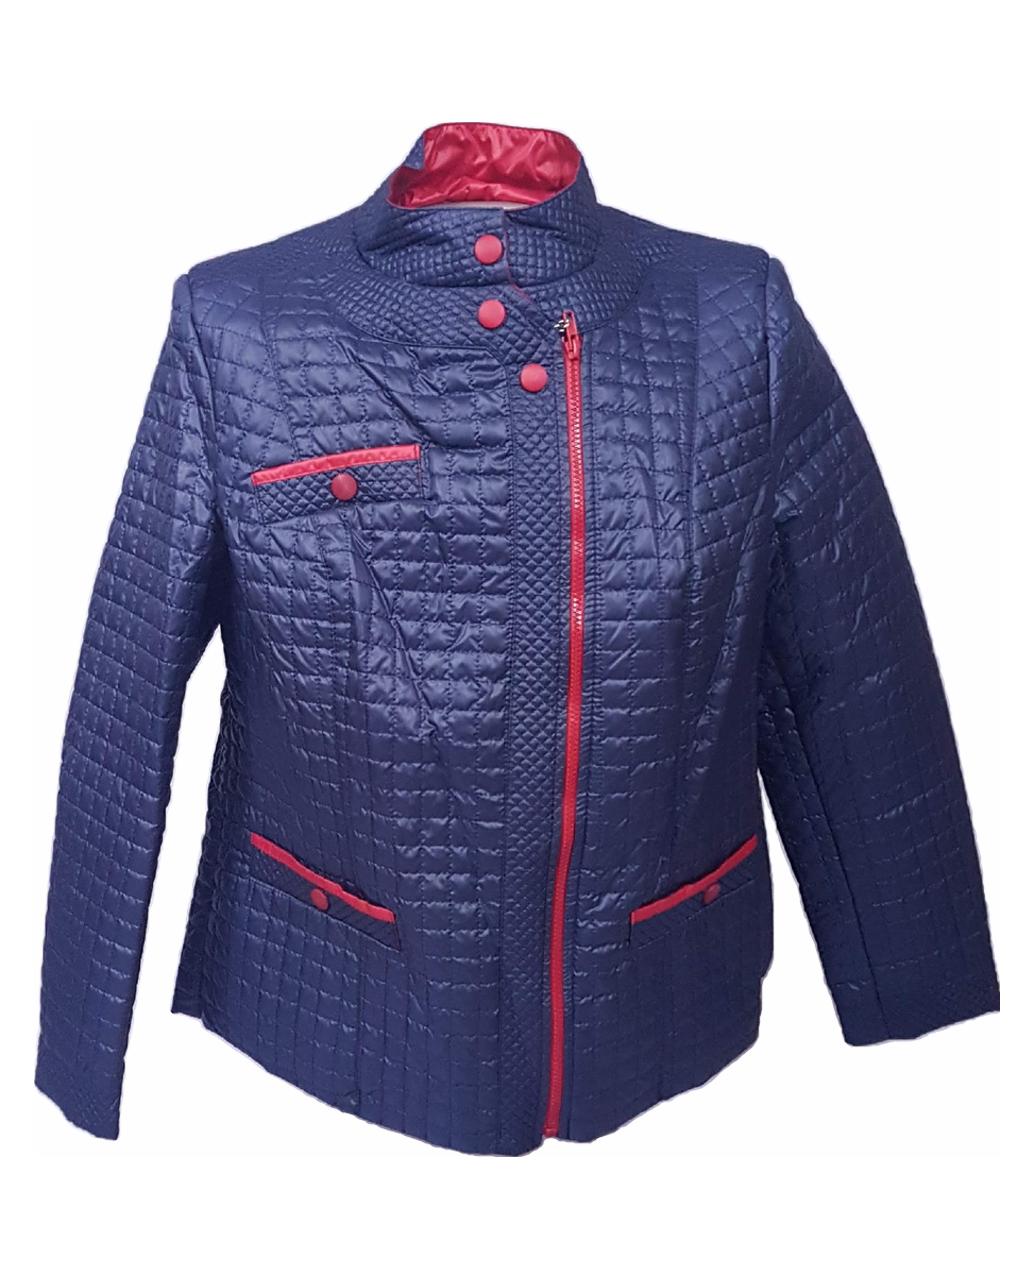 Женская демисезонная куртка больших размеров, синяя, размеры 50-60